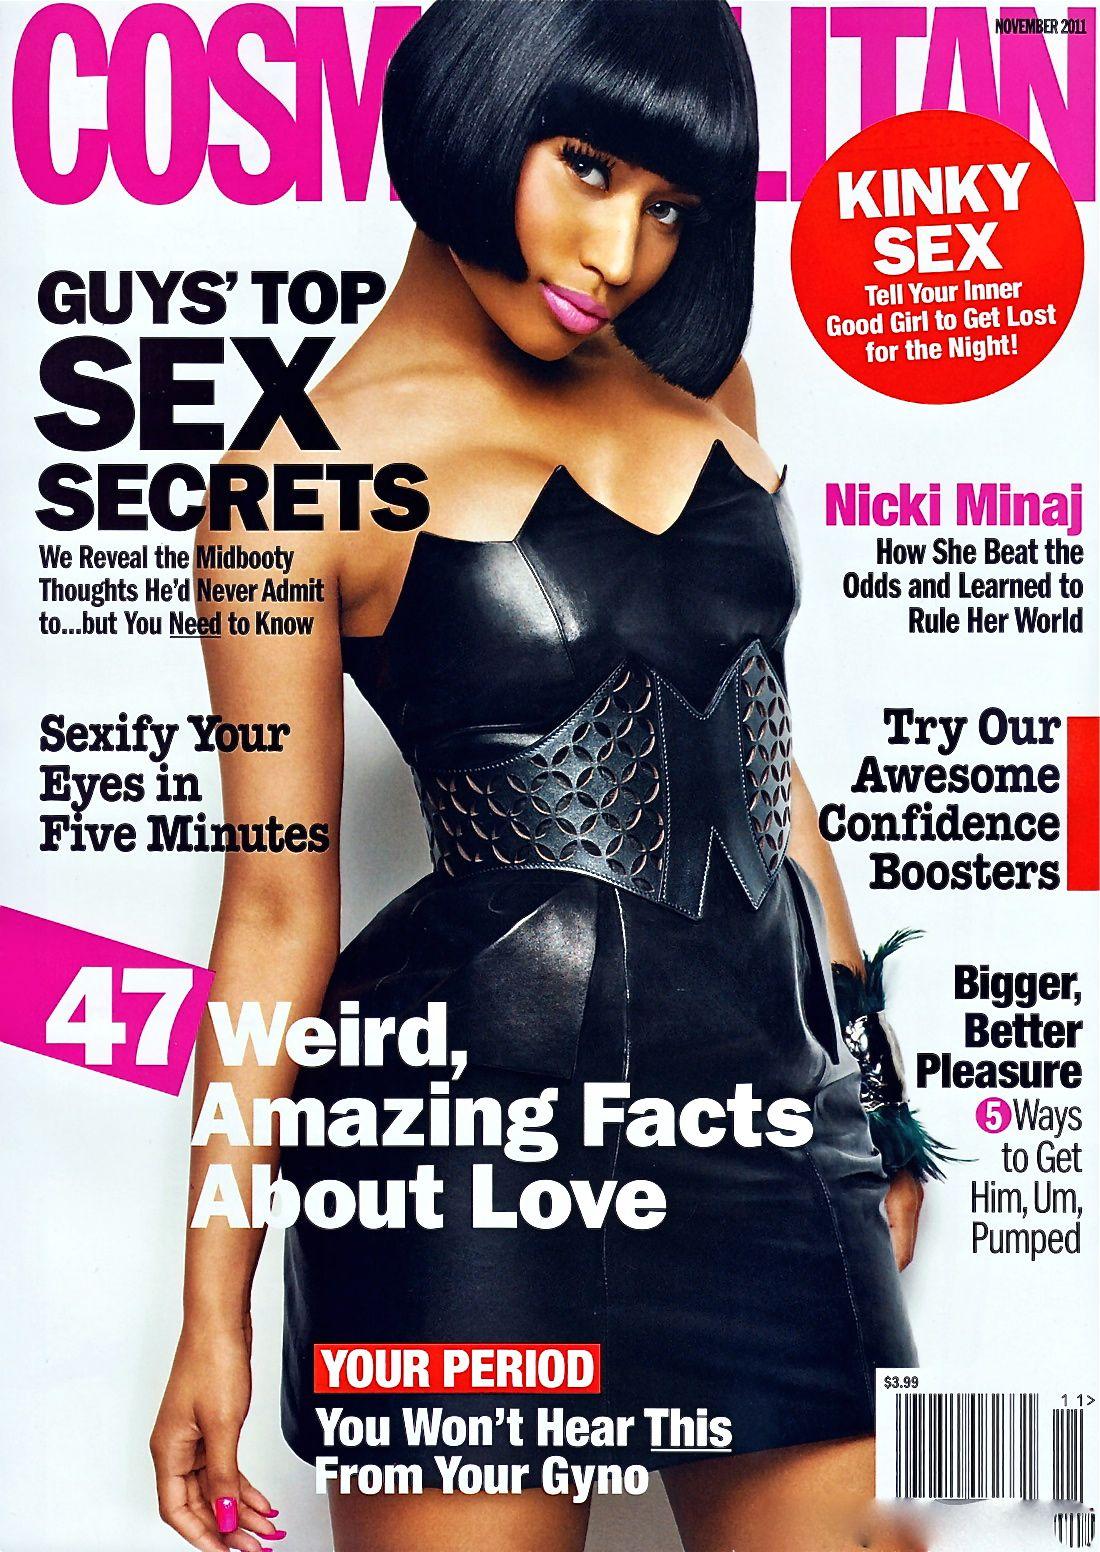 http://3.bp.blogspot.com/-jCvDl_yBv50/Tu3rx0D_U9I/AAAAAAAABMM/MxGLsgg9XcM/s1600/Nicki+Minaj+on+Cosmopolitan+Magazine+US+November+2011.jpg